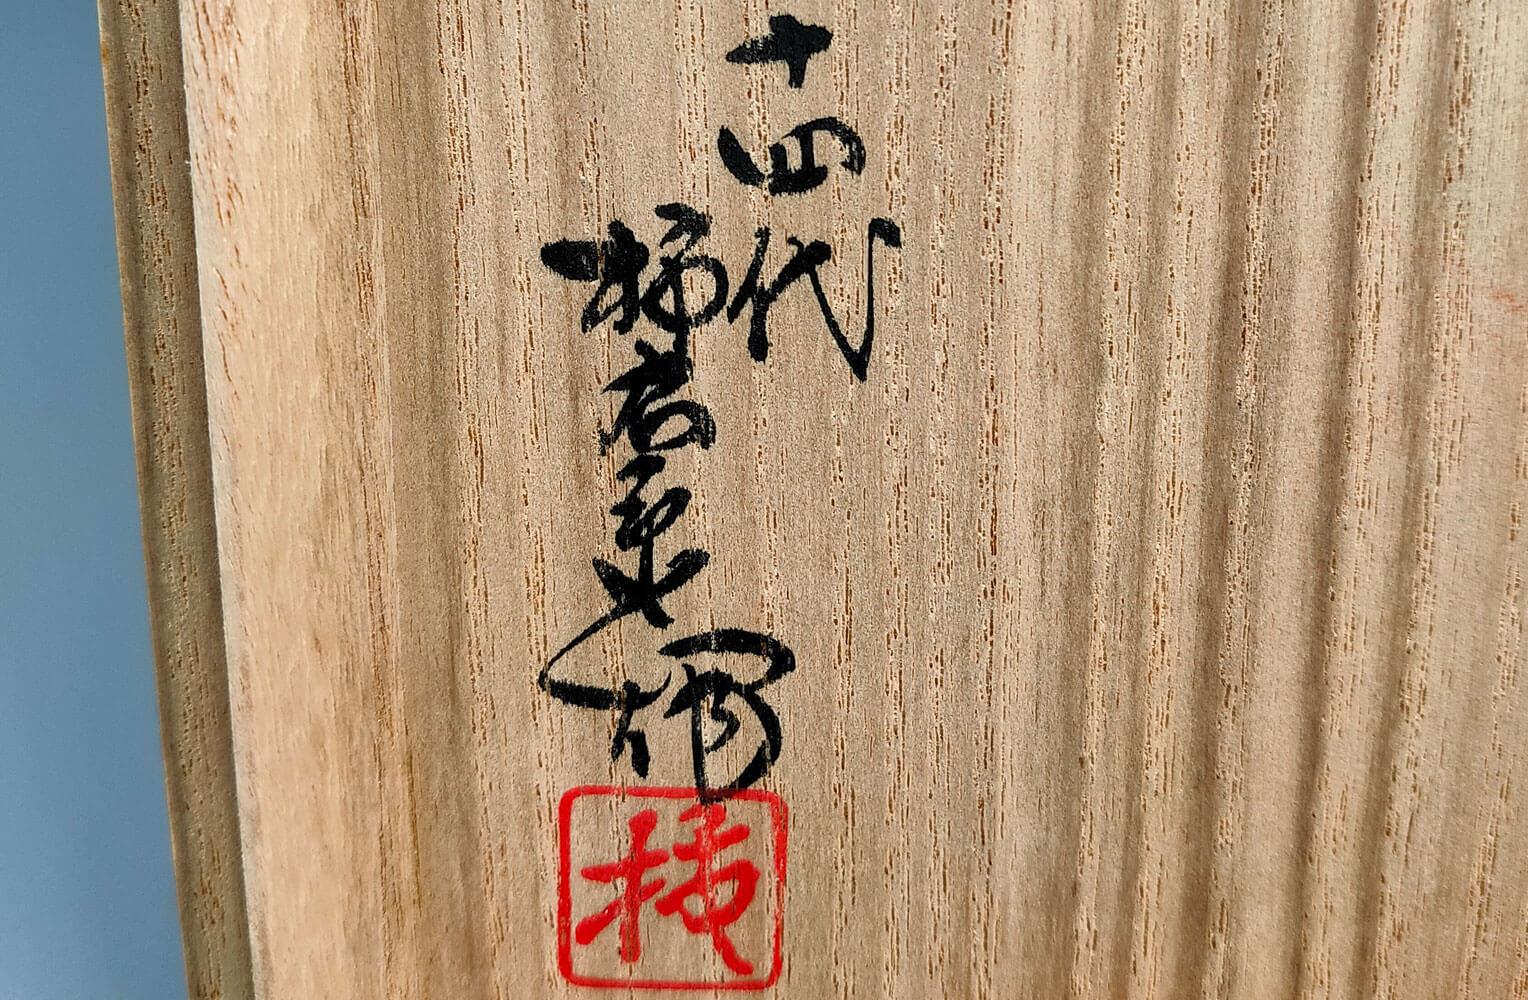 十四代酒井田柿右衛門 「濁手 薔薇地文 花器」 落款